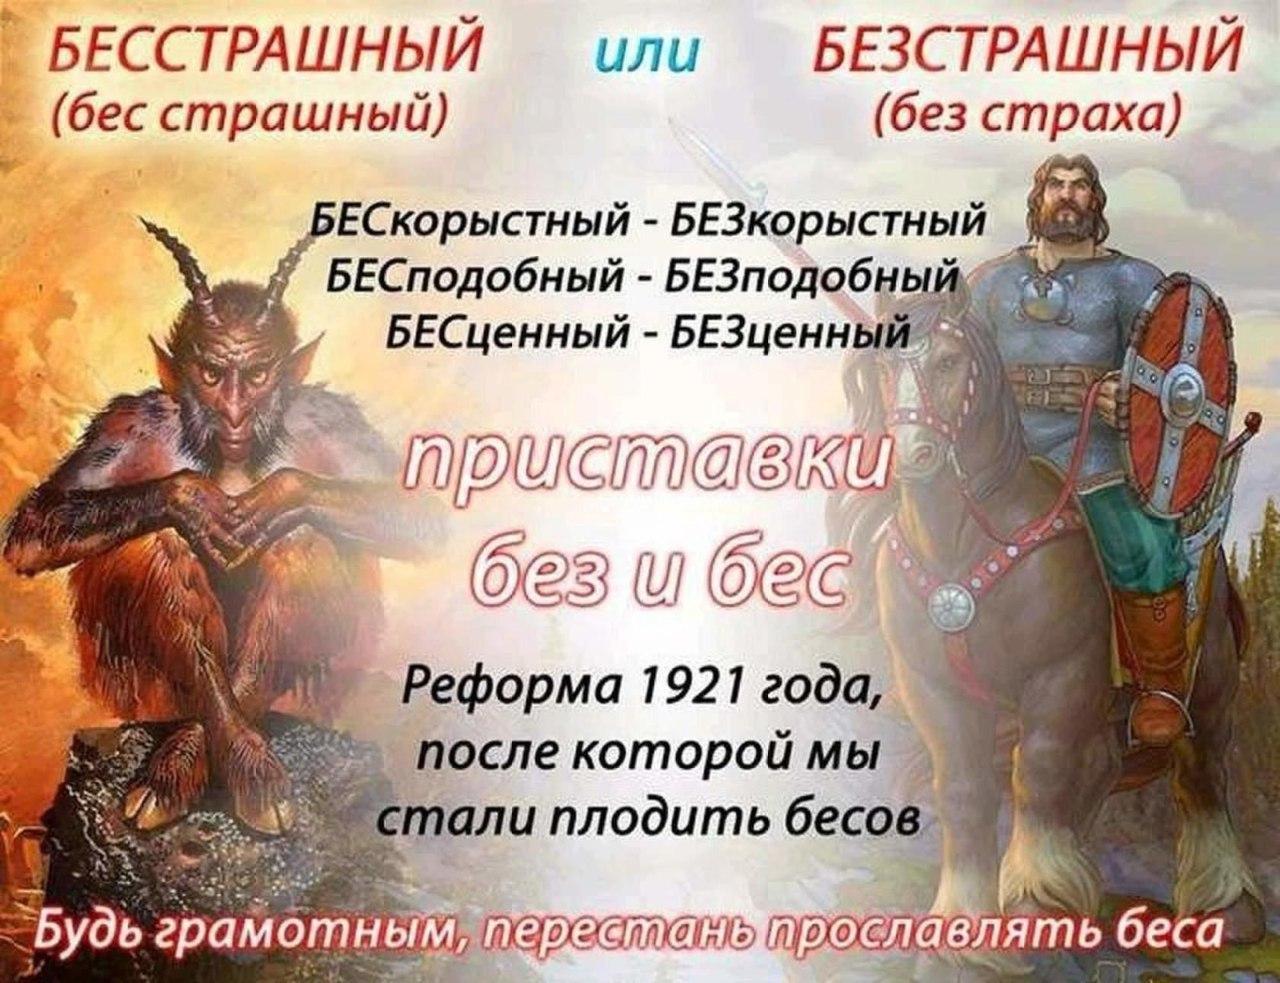 http://sg.uploads.ru/pZCGm.jpg